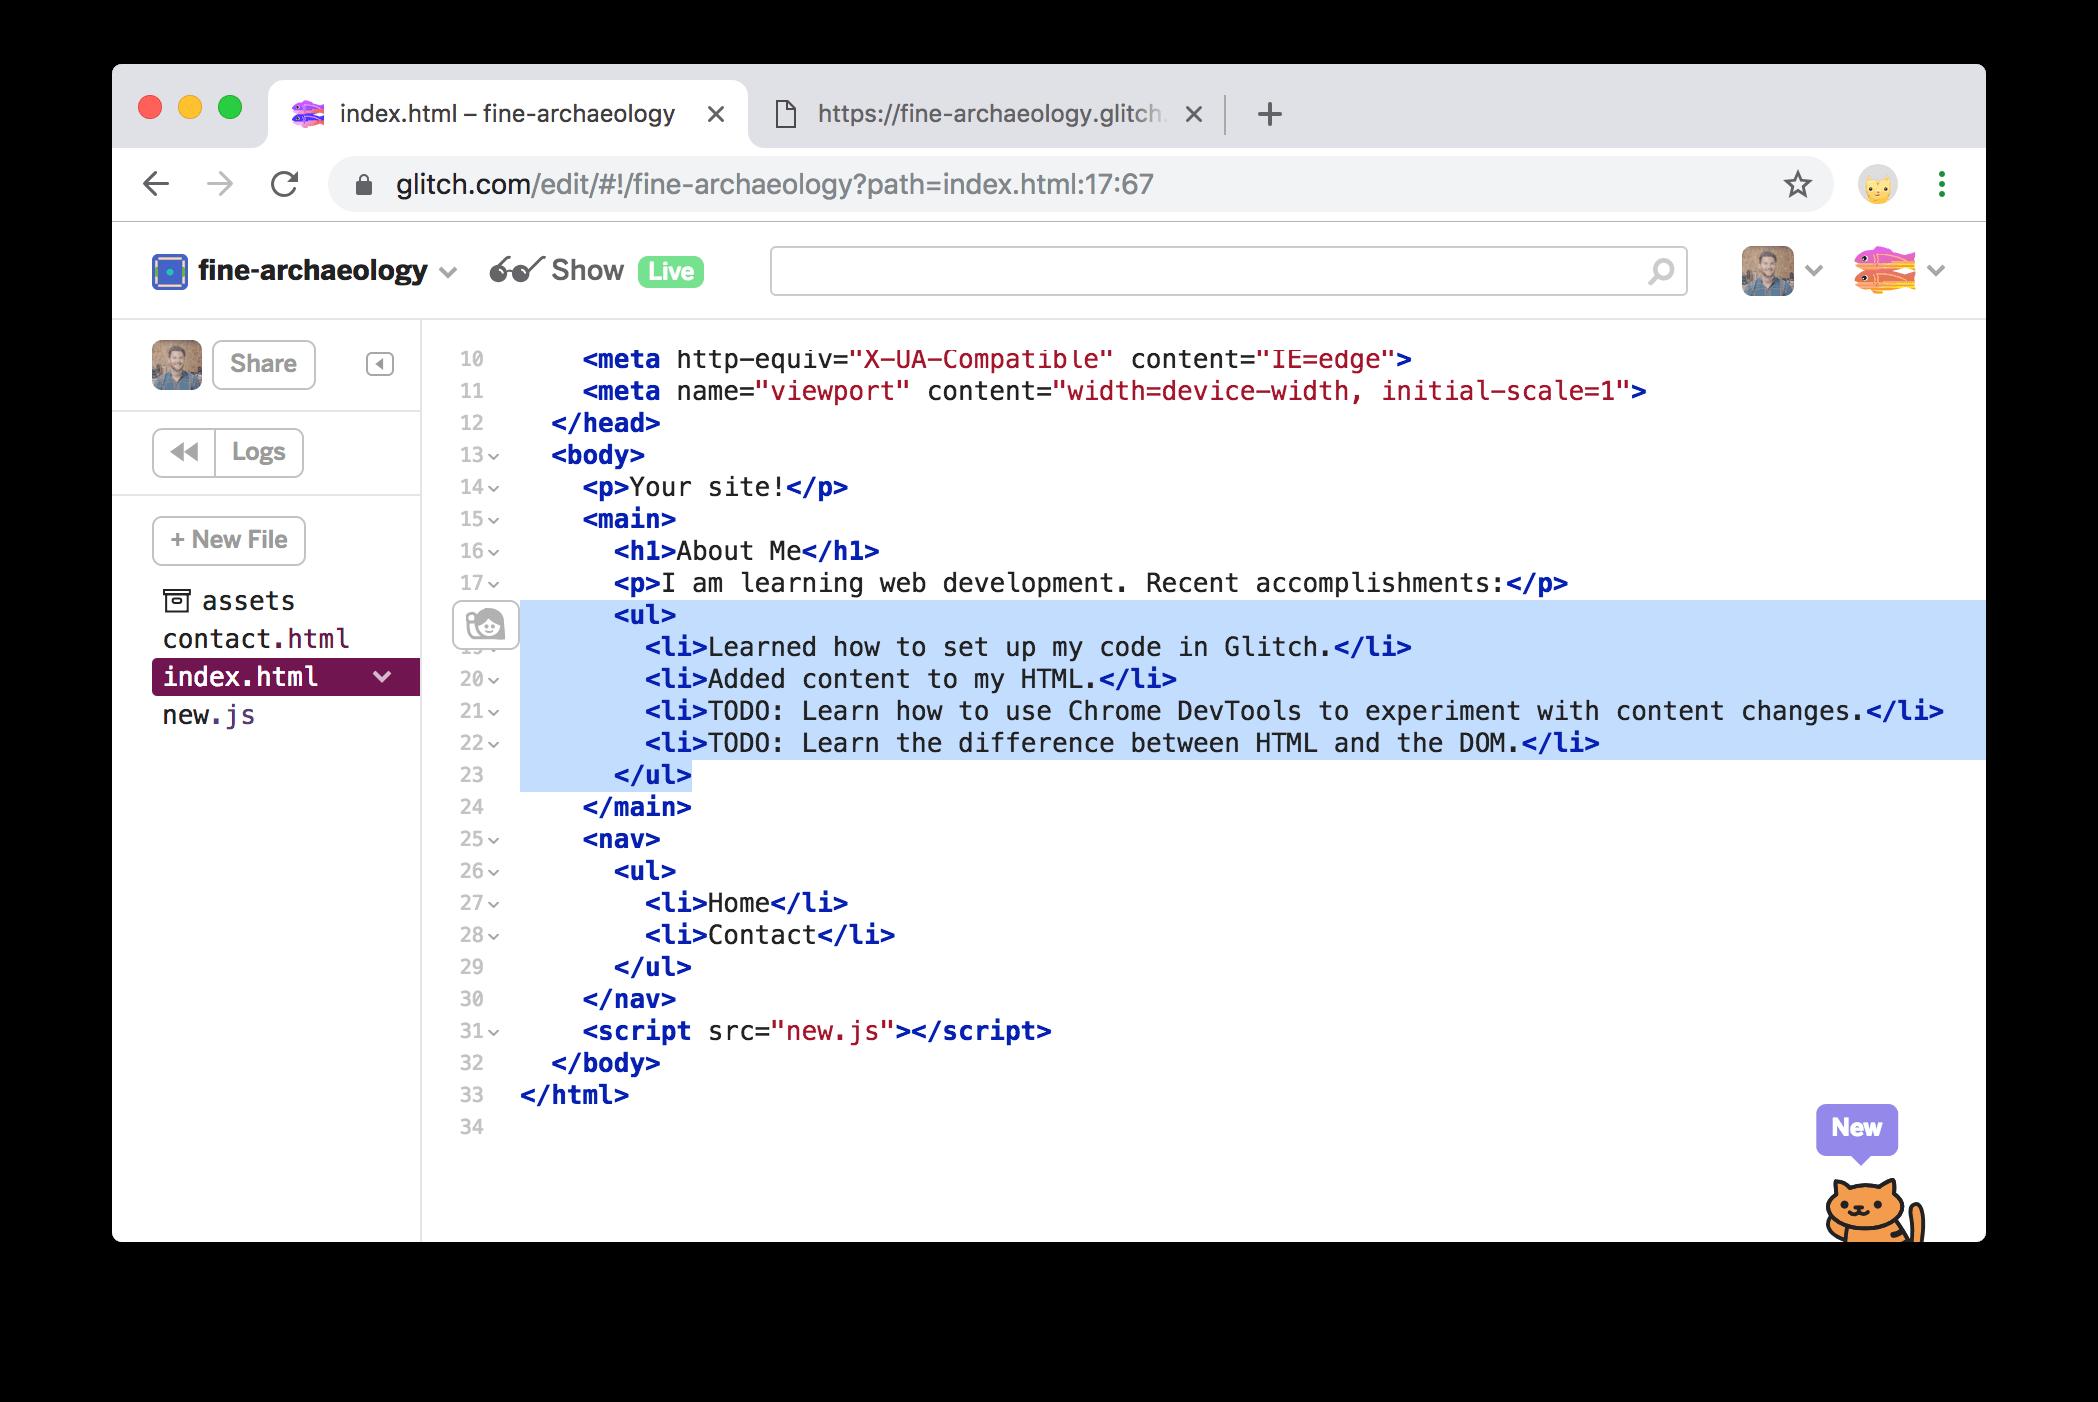 新代码在编辑器选项卡中突出显示。